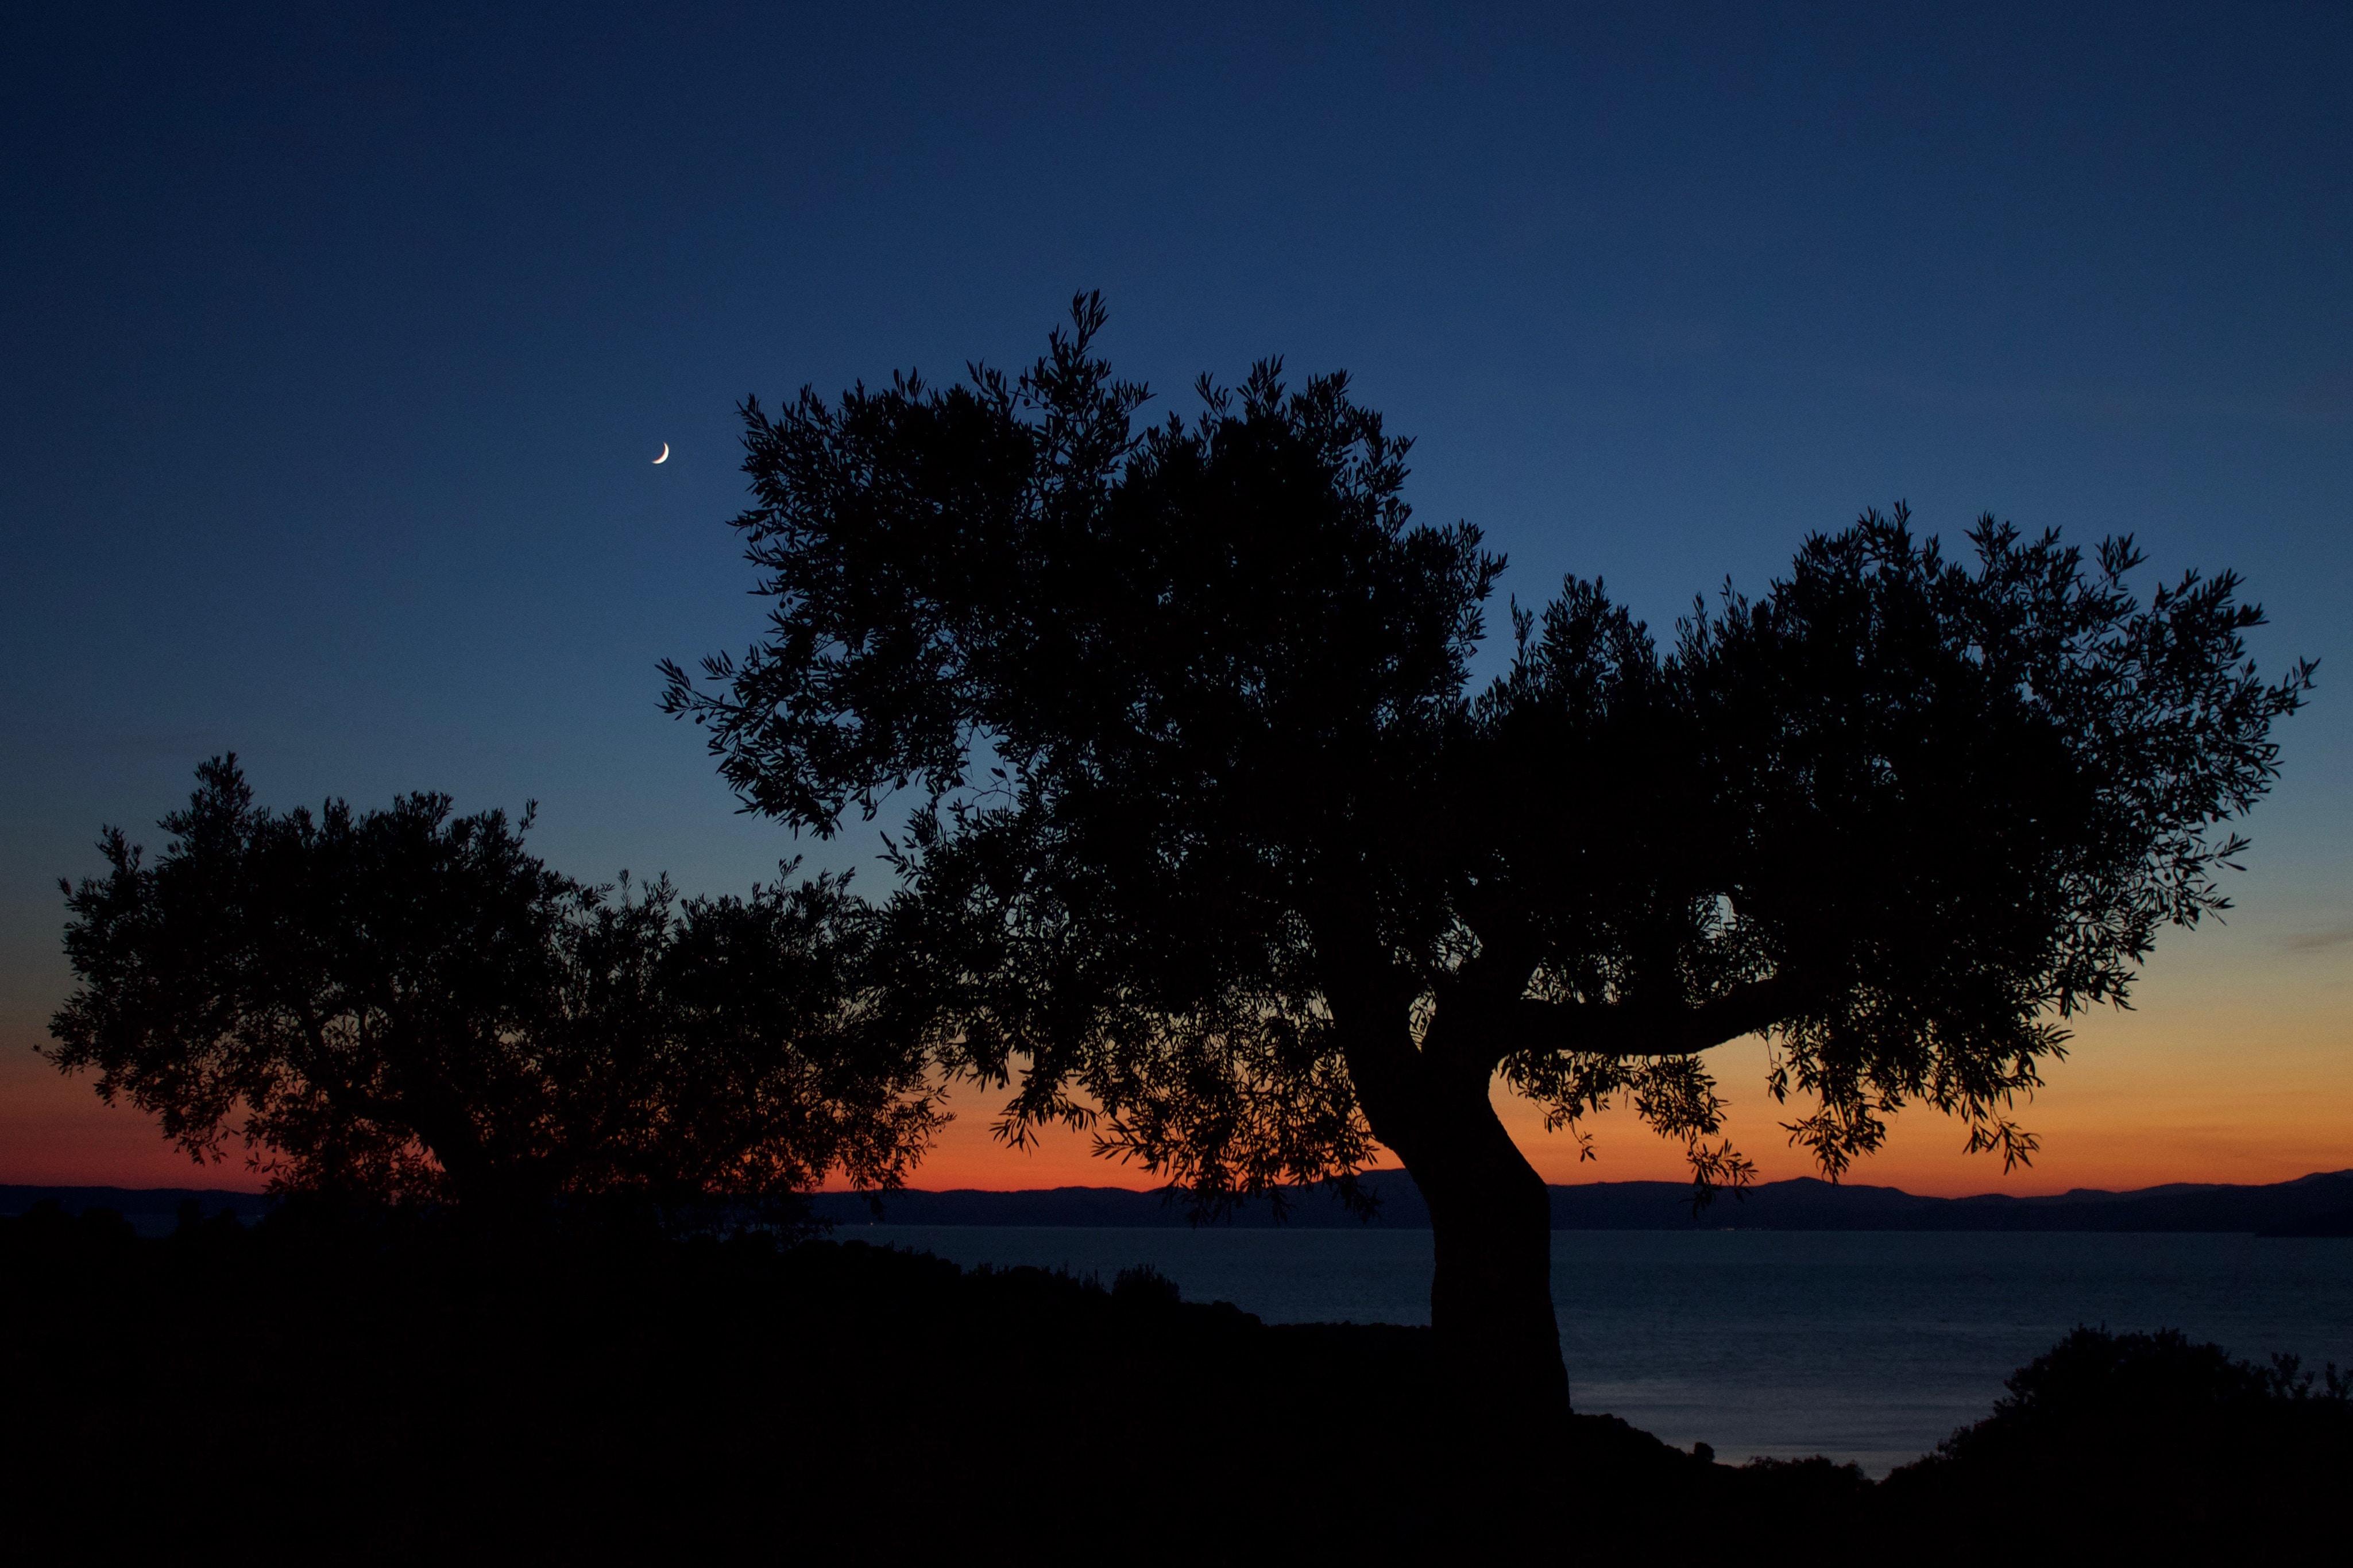 silhouette of tree beside ocean